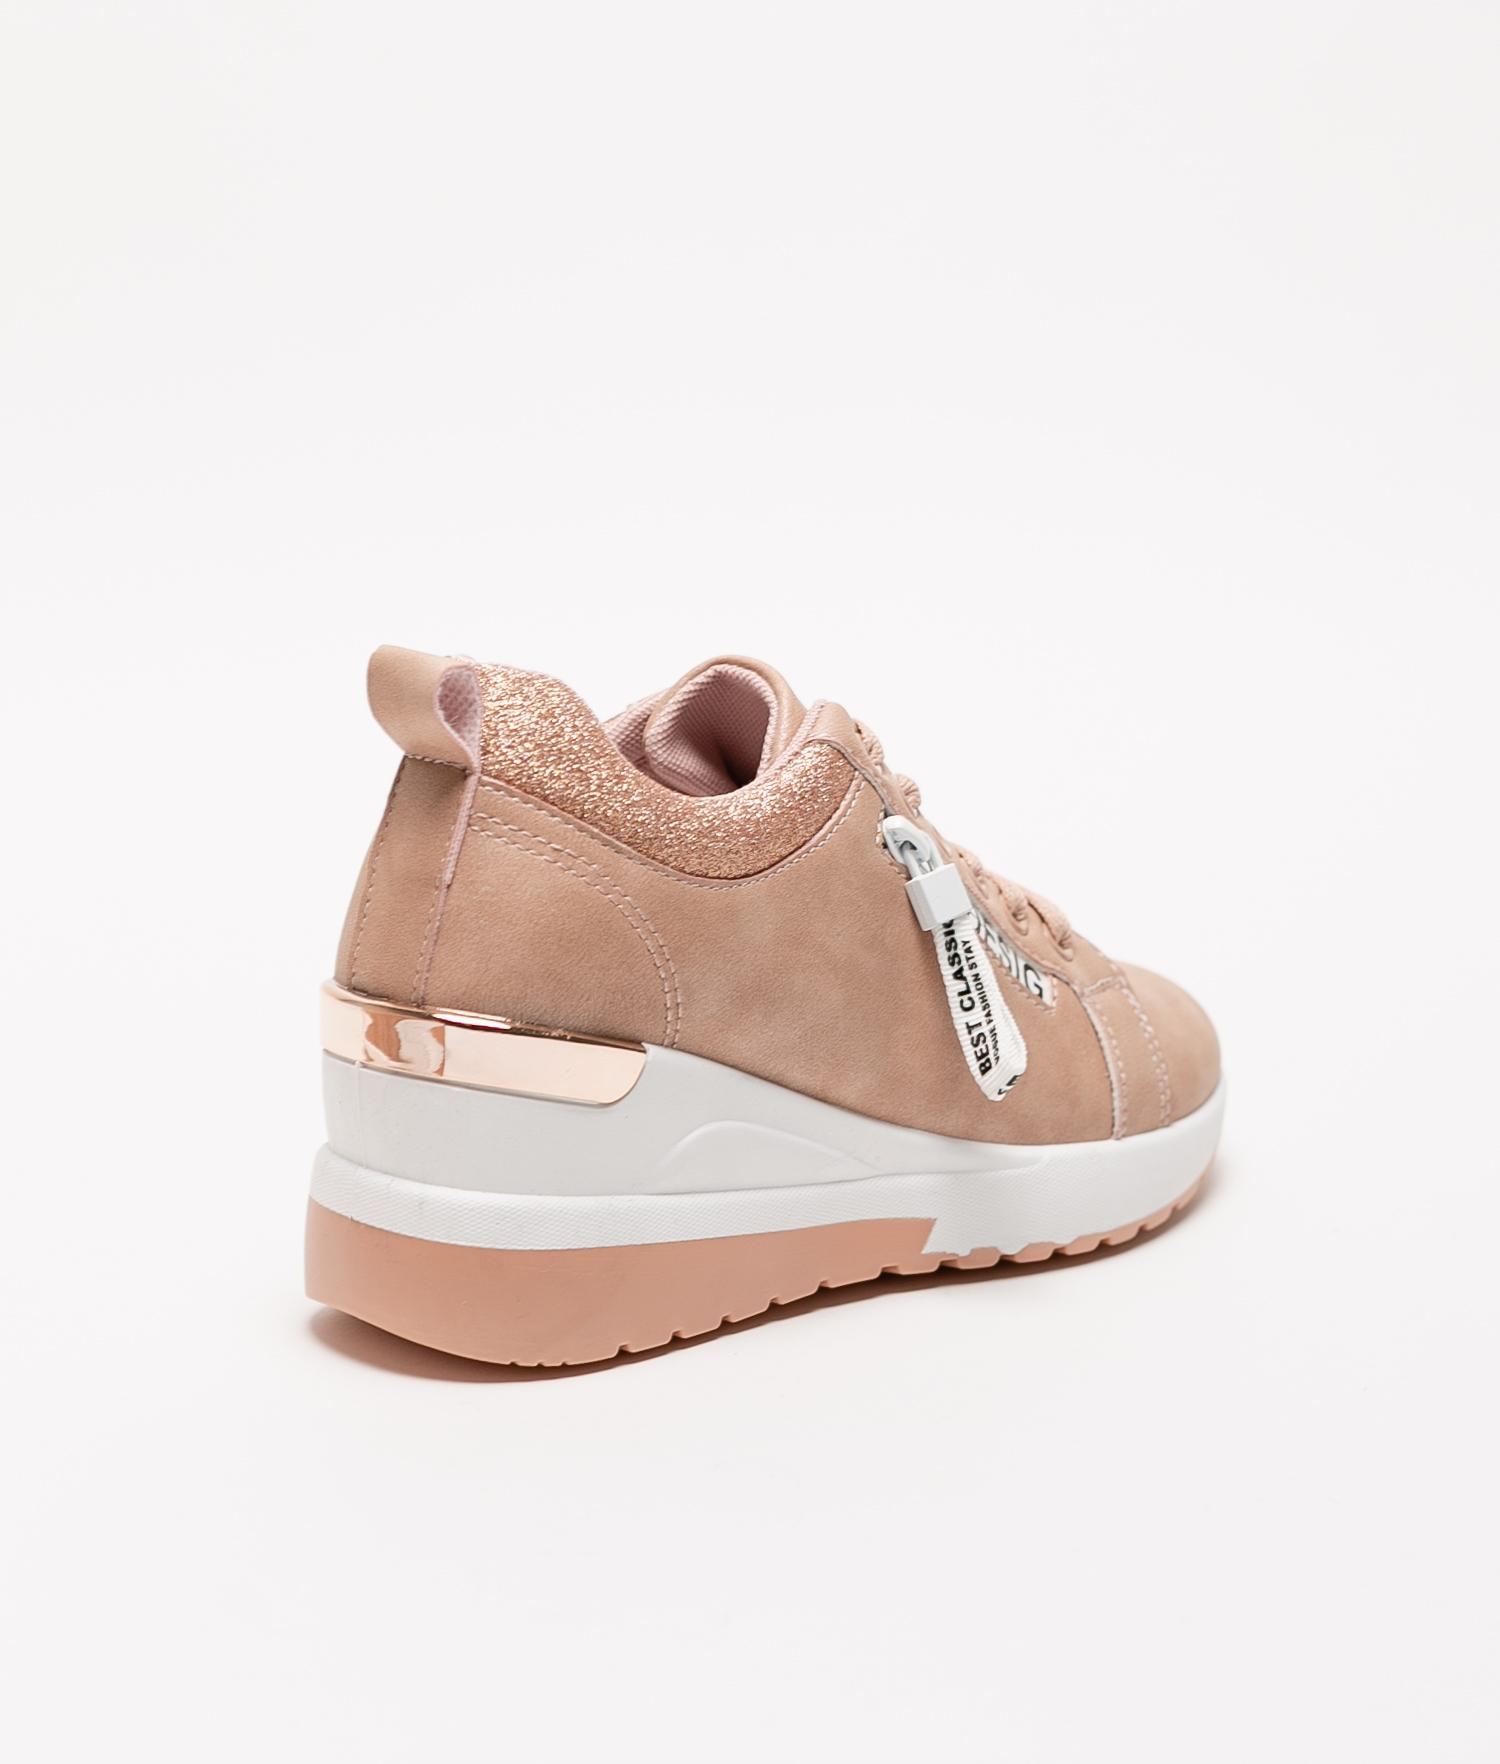 Sneakers SALTY - Pink